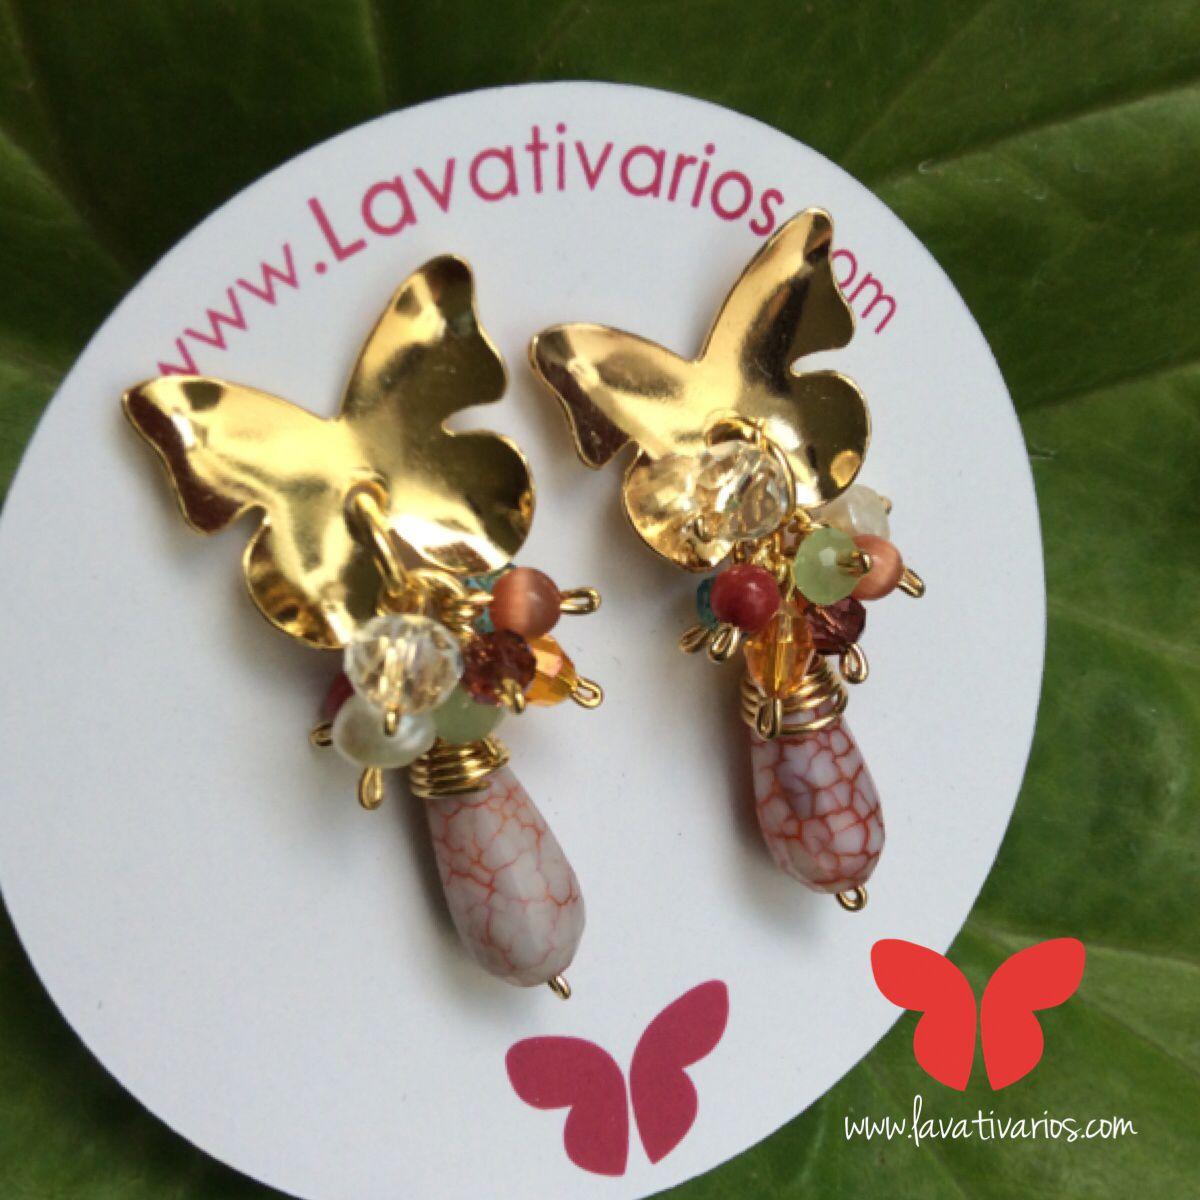 Zarcillos mariposa. #piedras #cristales #handmade #bañadosenoro #orafo #jewelry #metalsmith #metalwork #Lavativarios #OrgullosamenteDiseñadosenVenezuela   Info: www.lavativarios.com Info@lavativarios.com